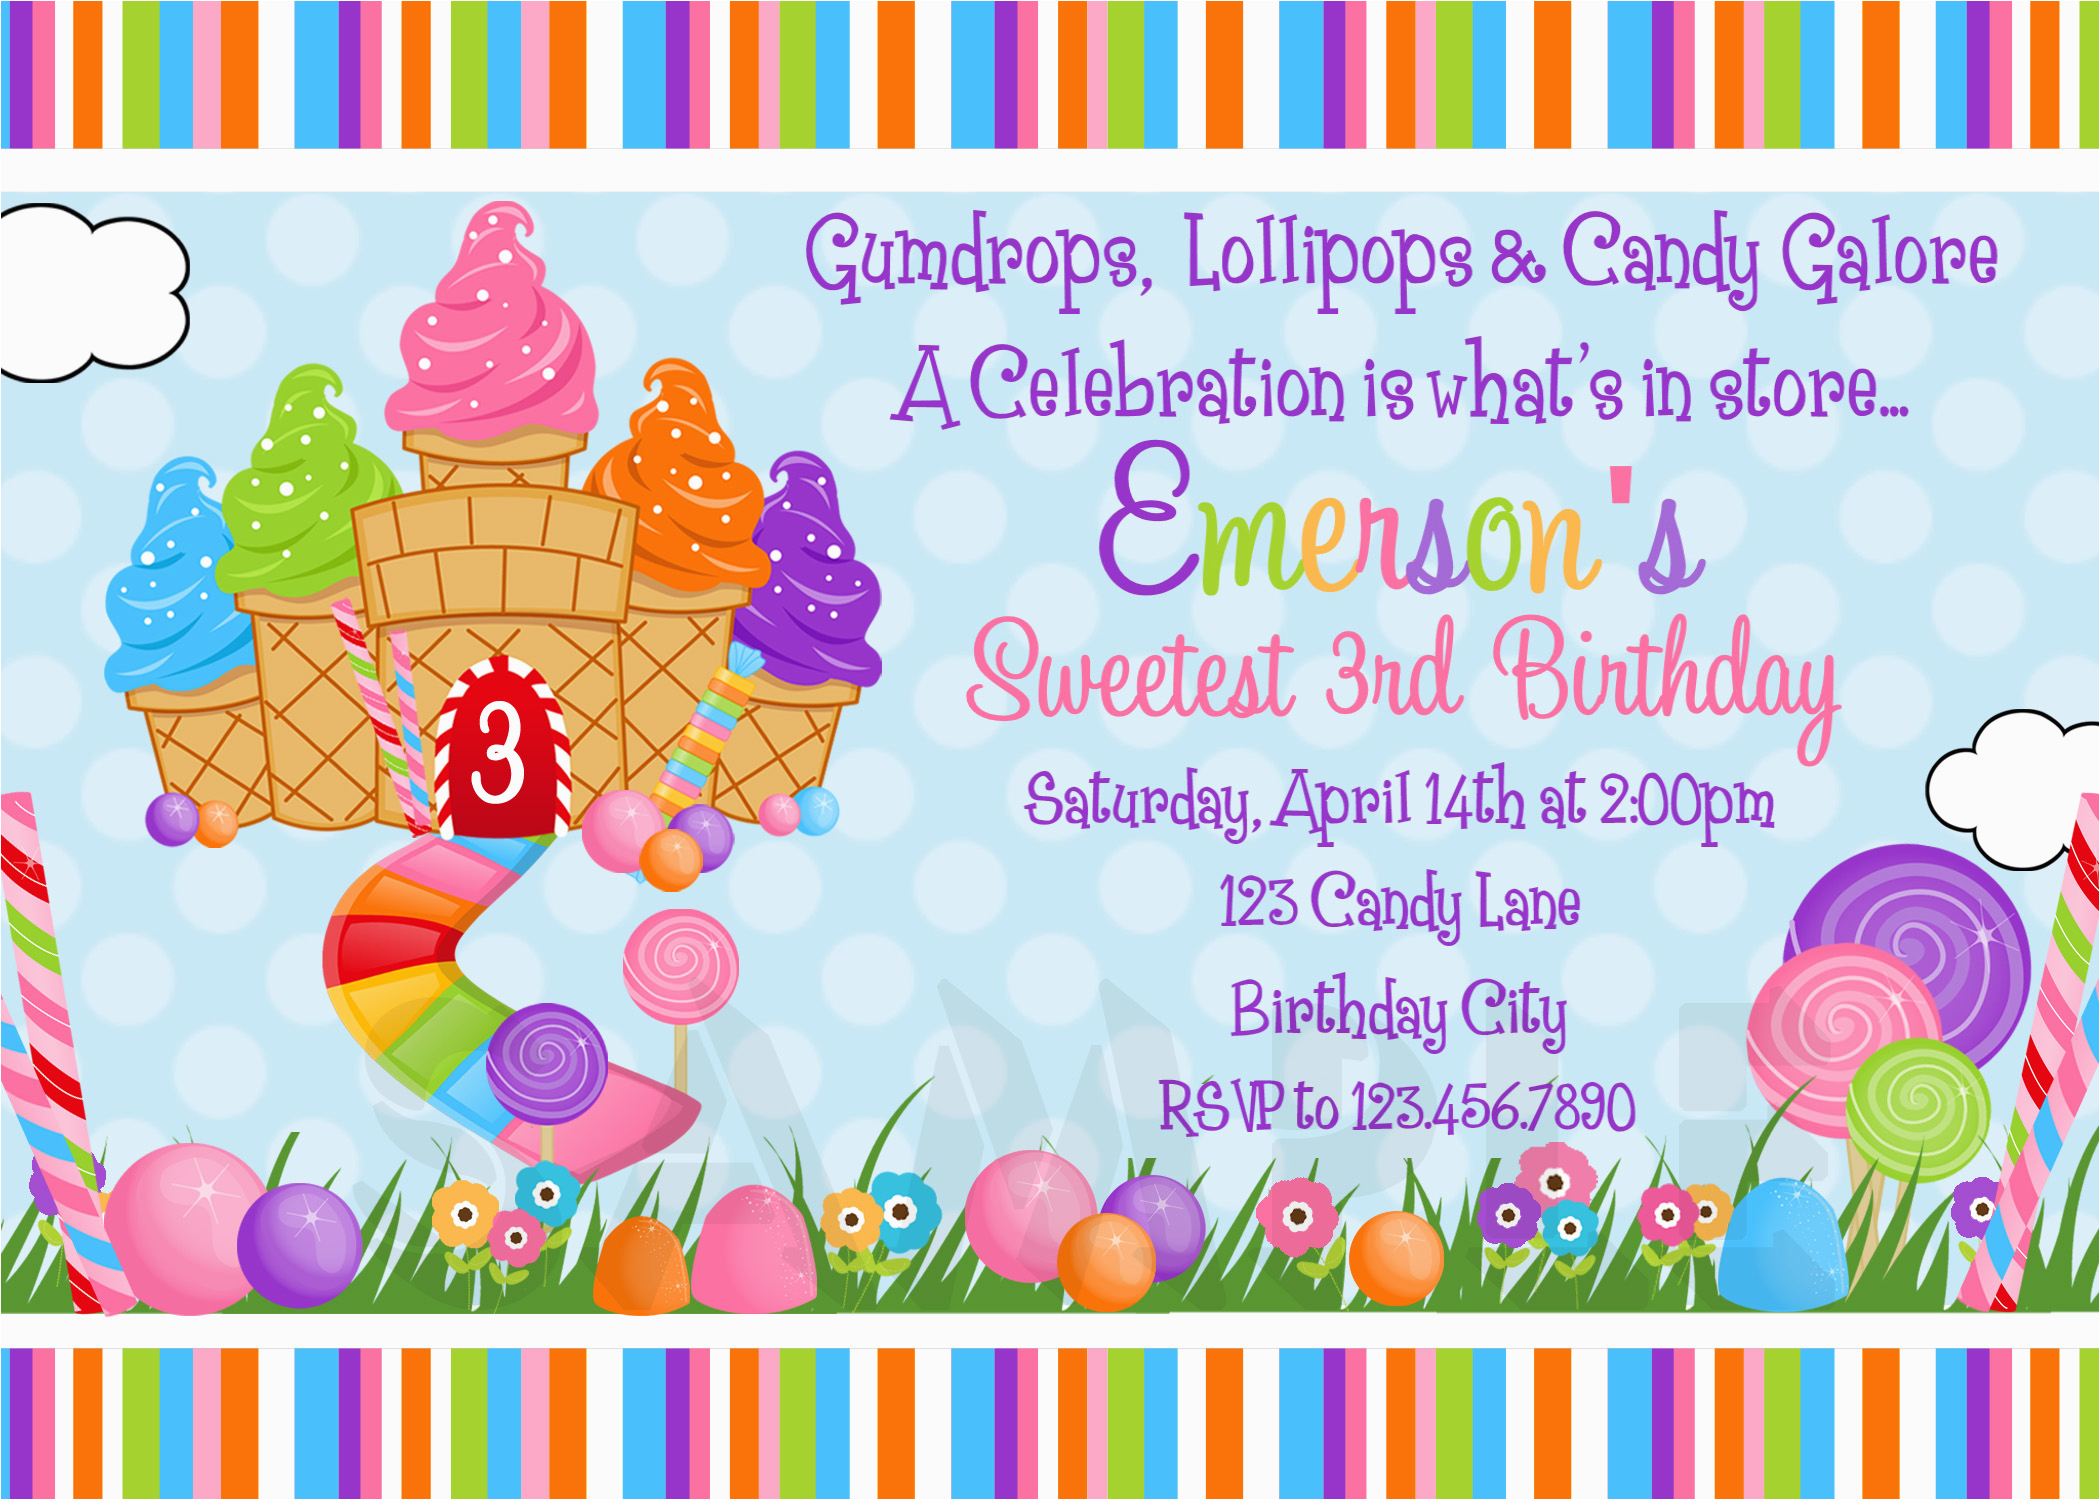 Candyland Birthday Invites Printable Birthday Invitations Girls Candyland Party